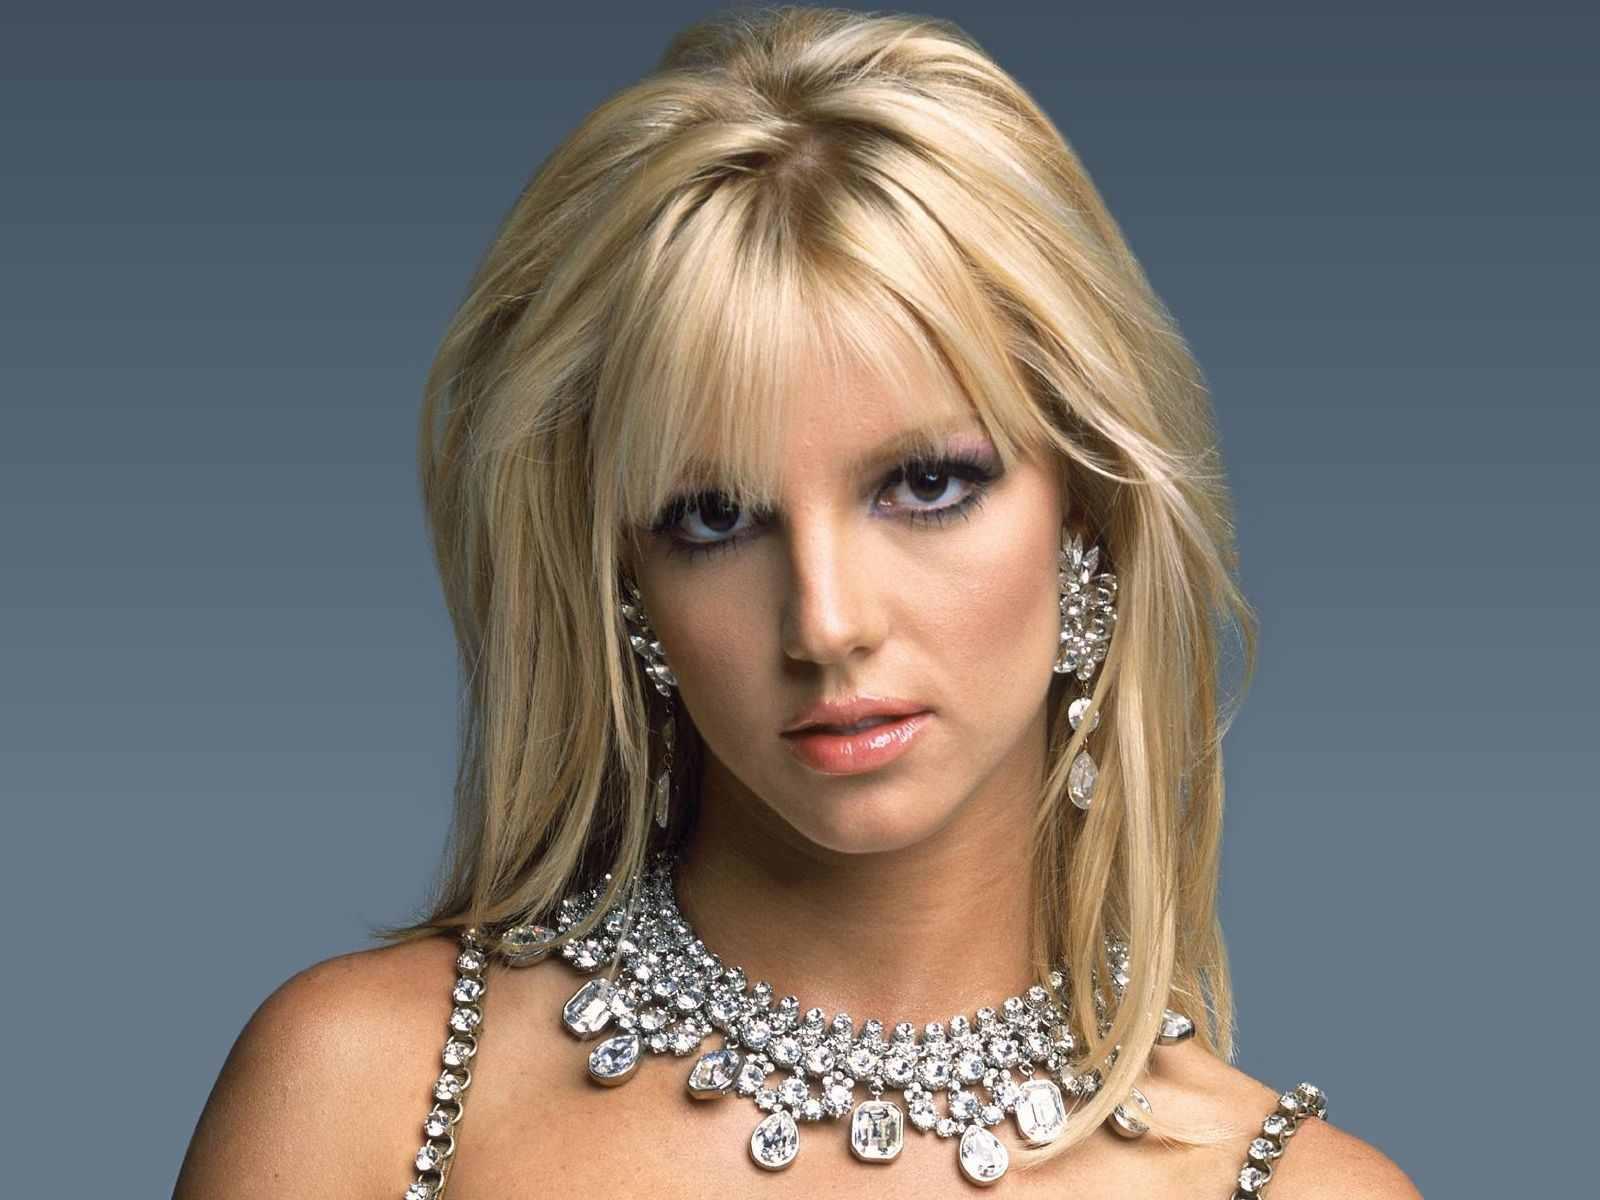 http://4.bp.blogspot.com/-2-GgC1gzI7k/TVuxDyh4wcI/AAAAAAAAAAs/wtoI44wgjms/s1600/Britney-Spears+4.jpg